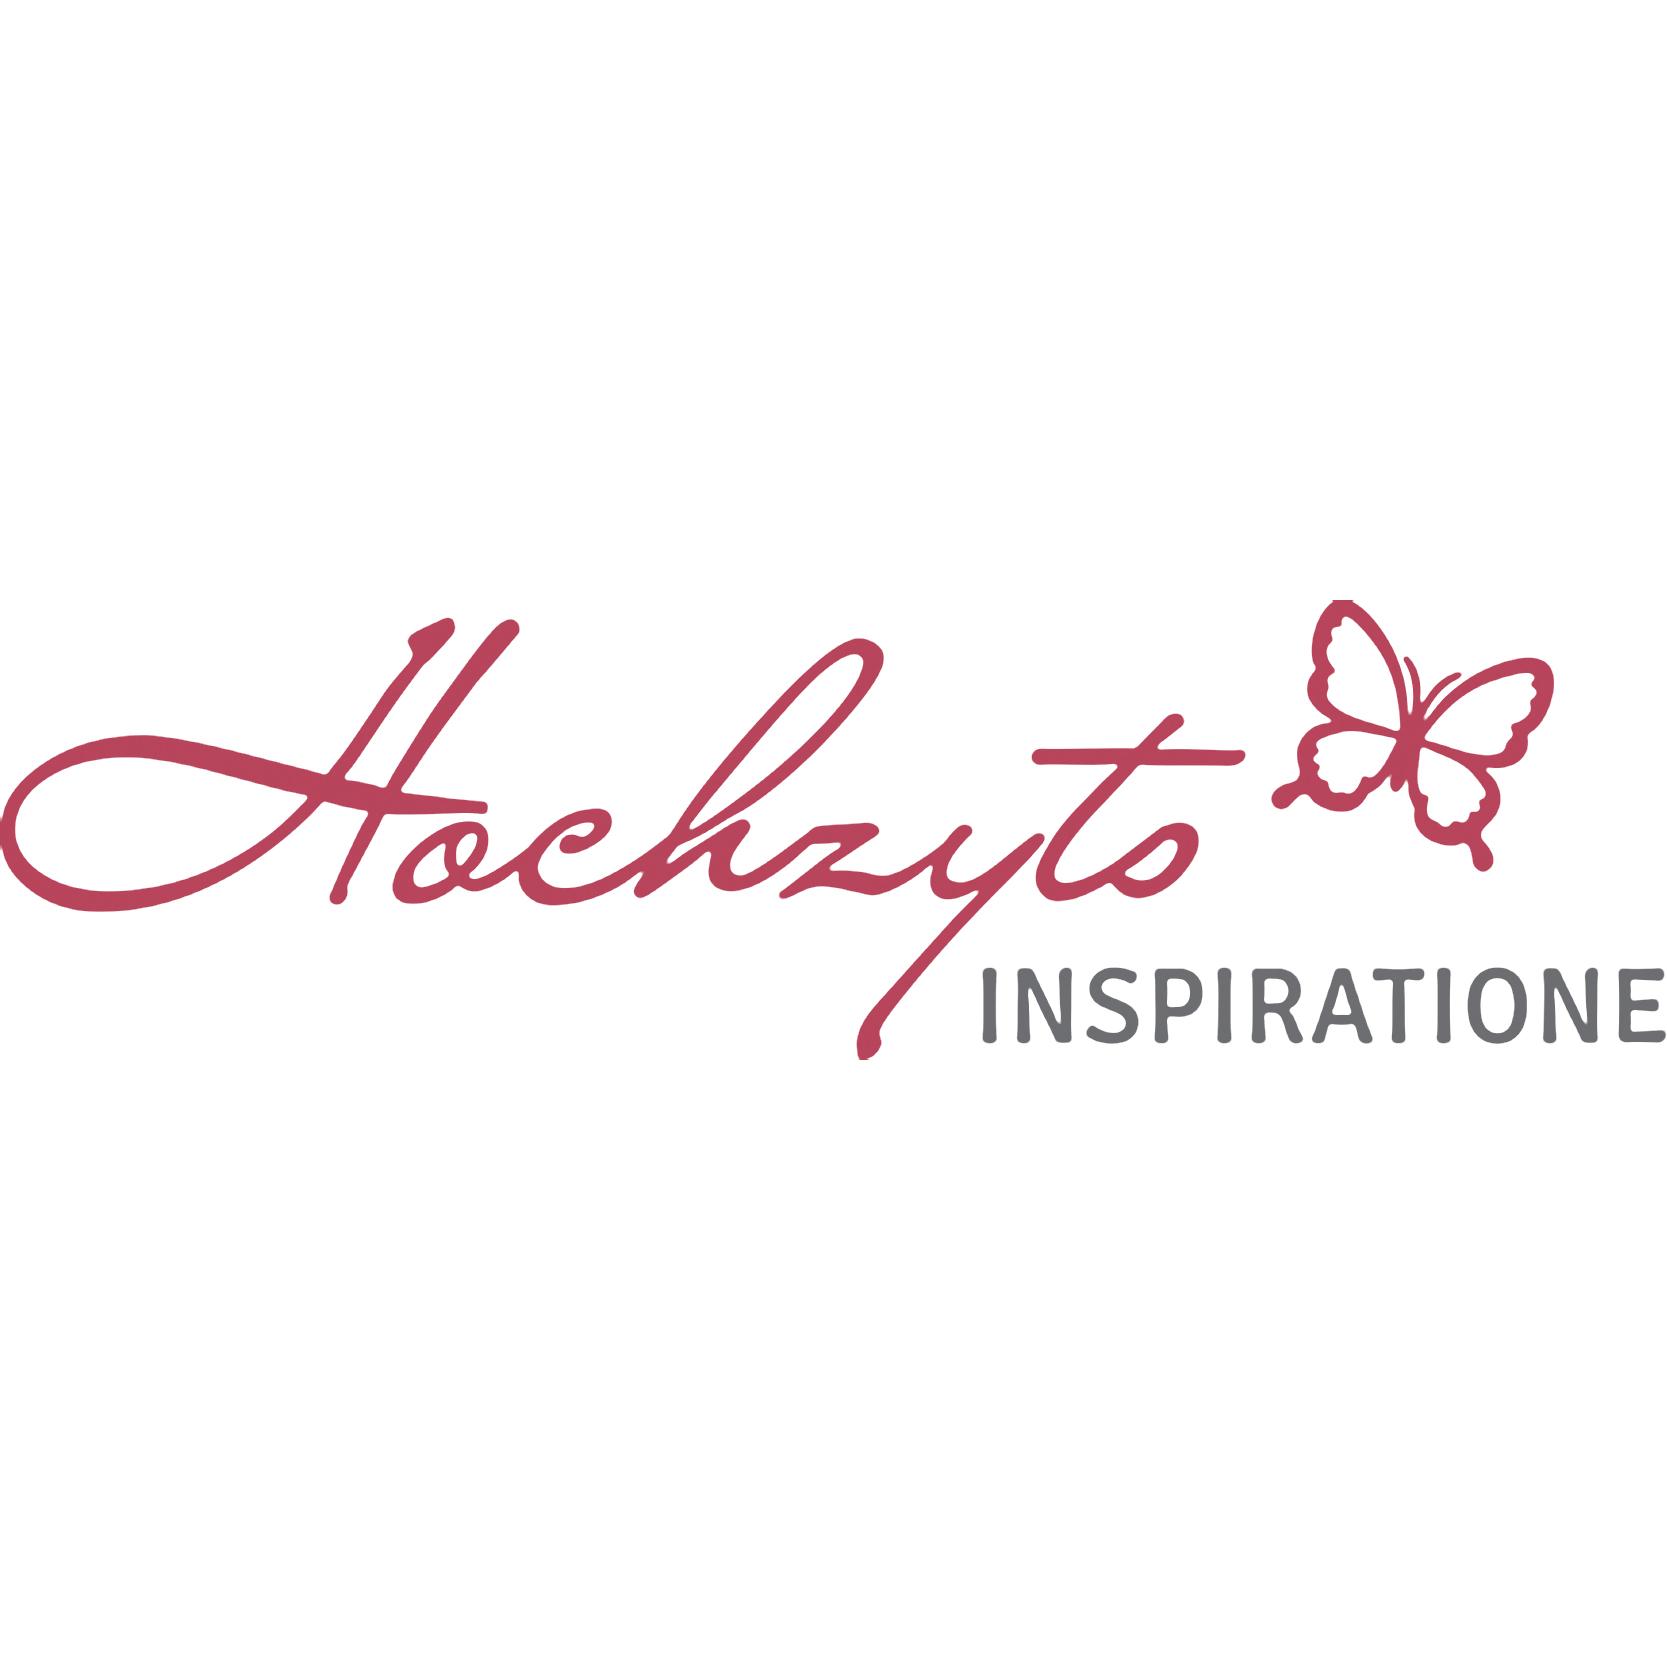 https://www.haar-werk.ch/wp-content/uploads/2021/09/1667x1660_Hochzeit_1.jpg